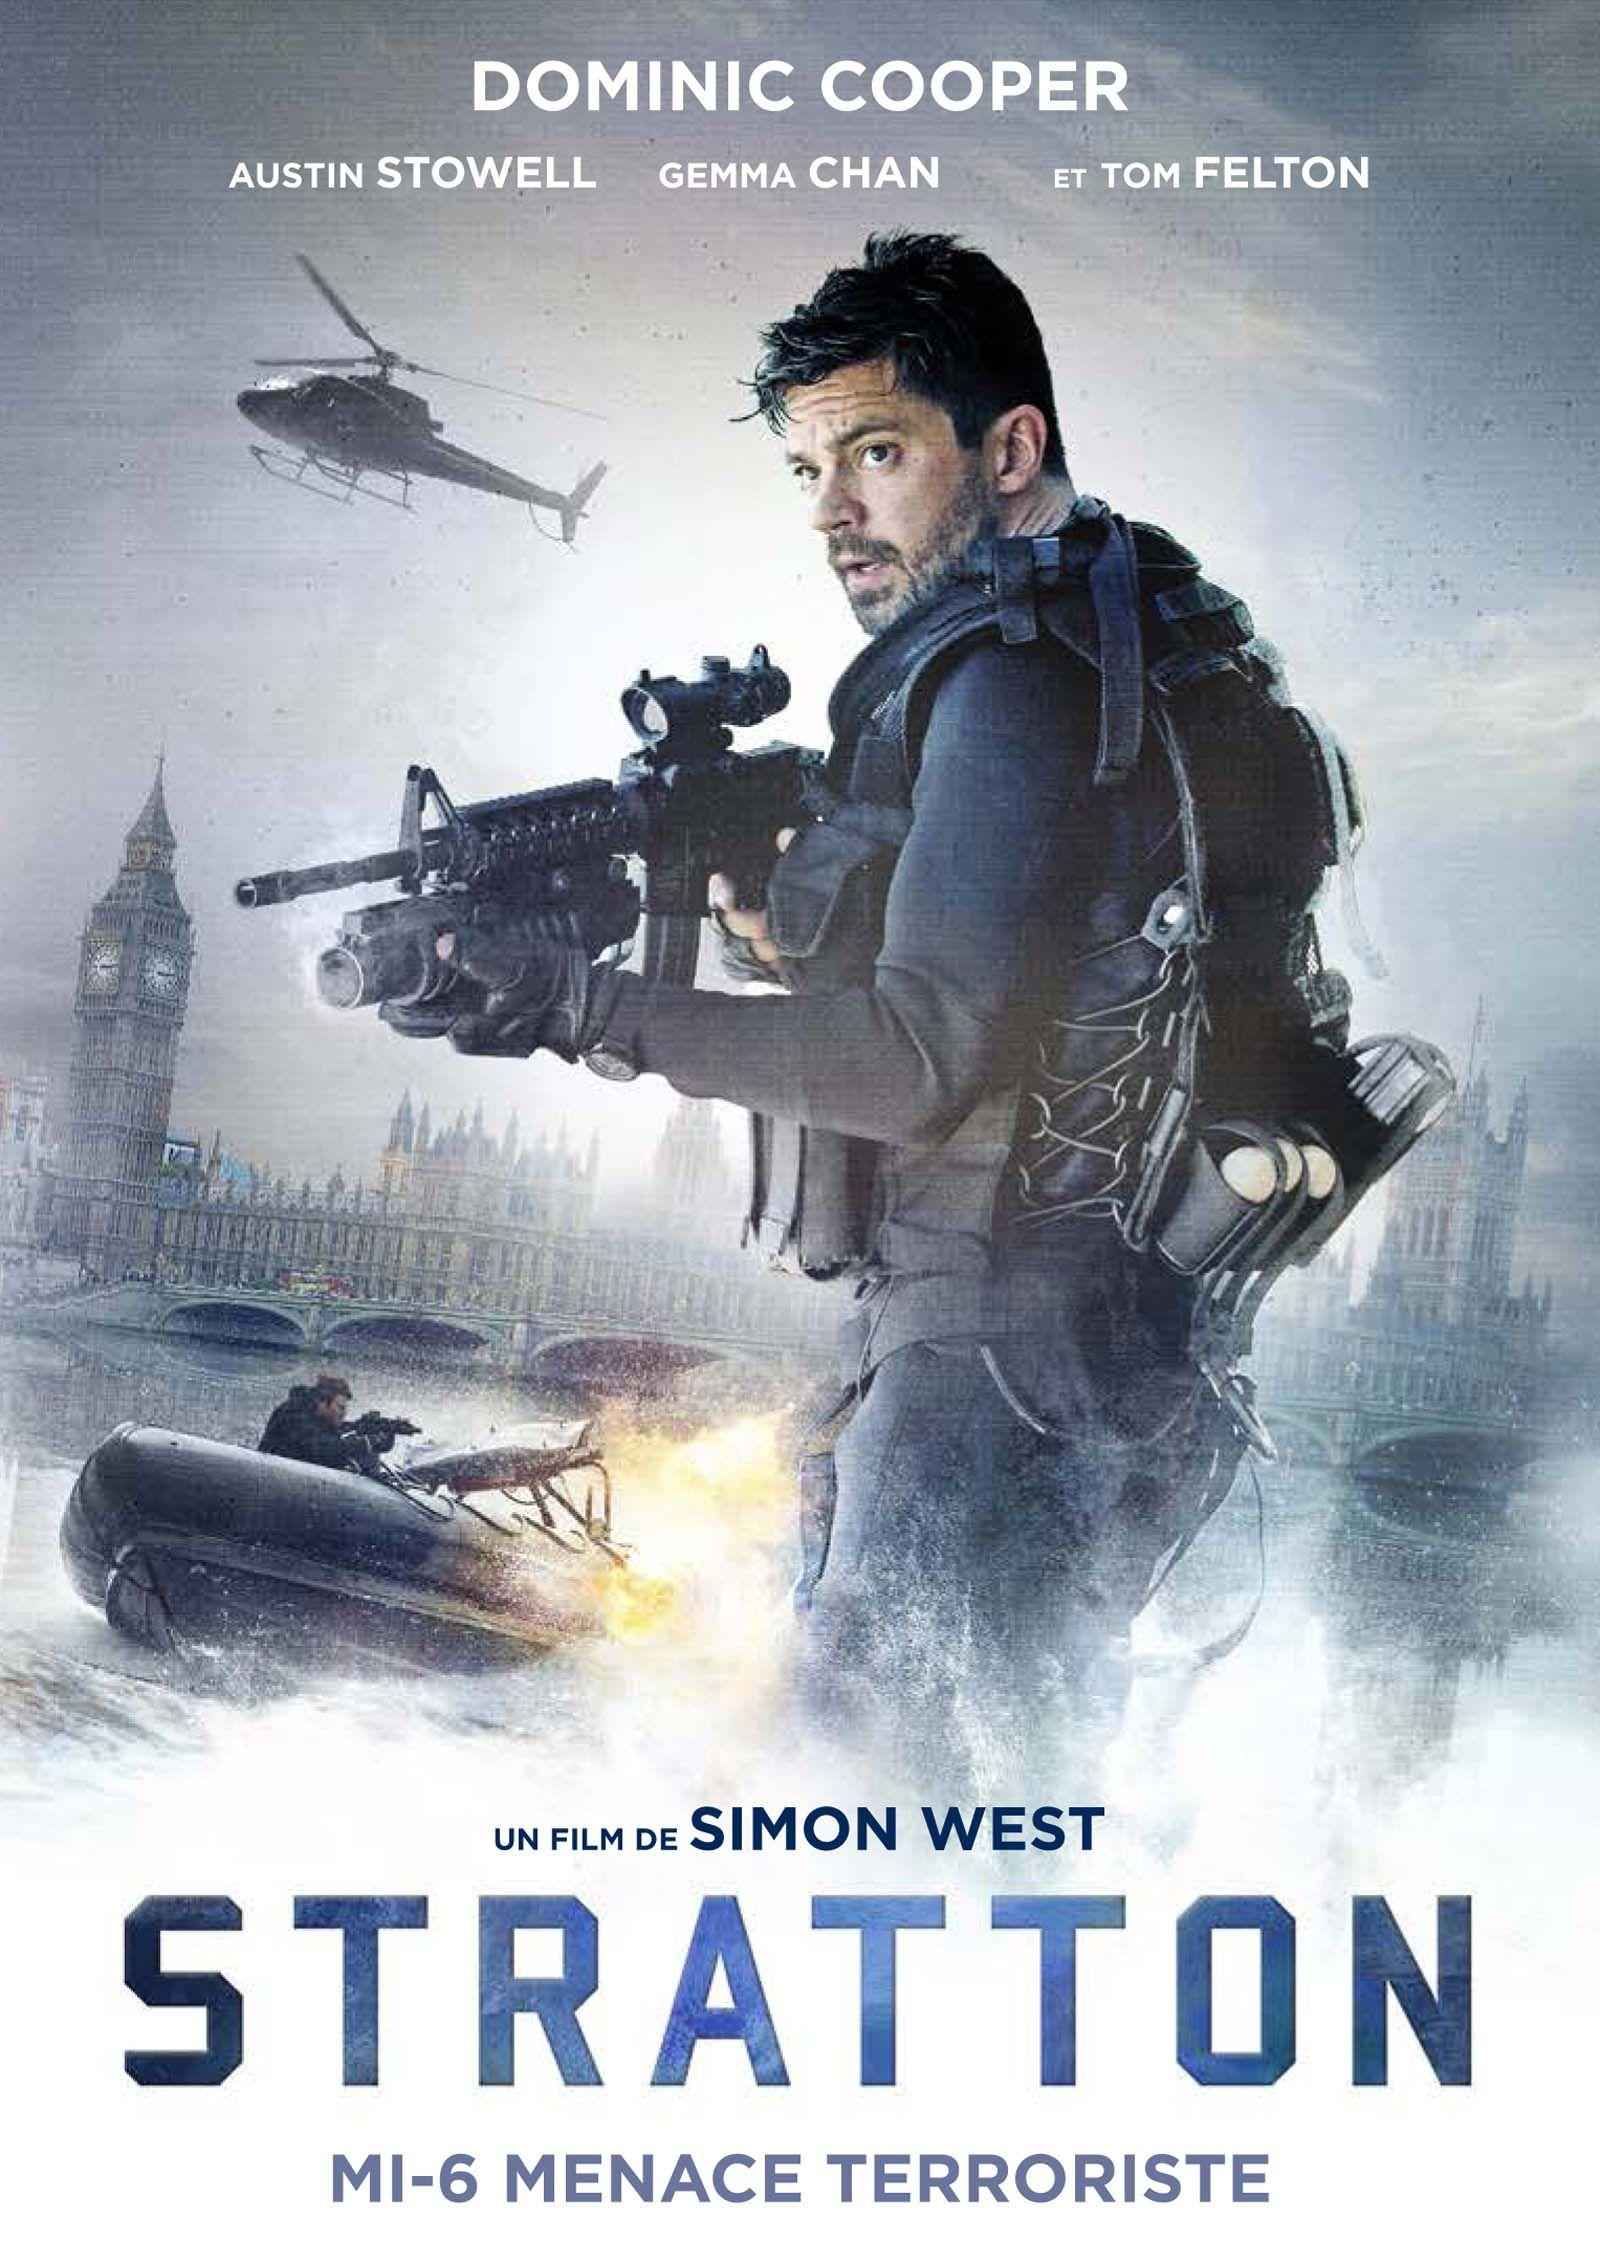 Stratton Film